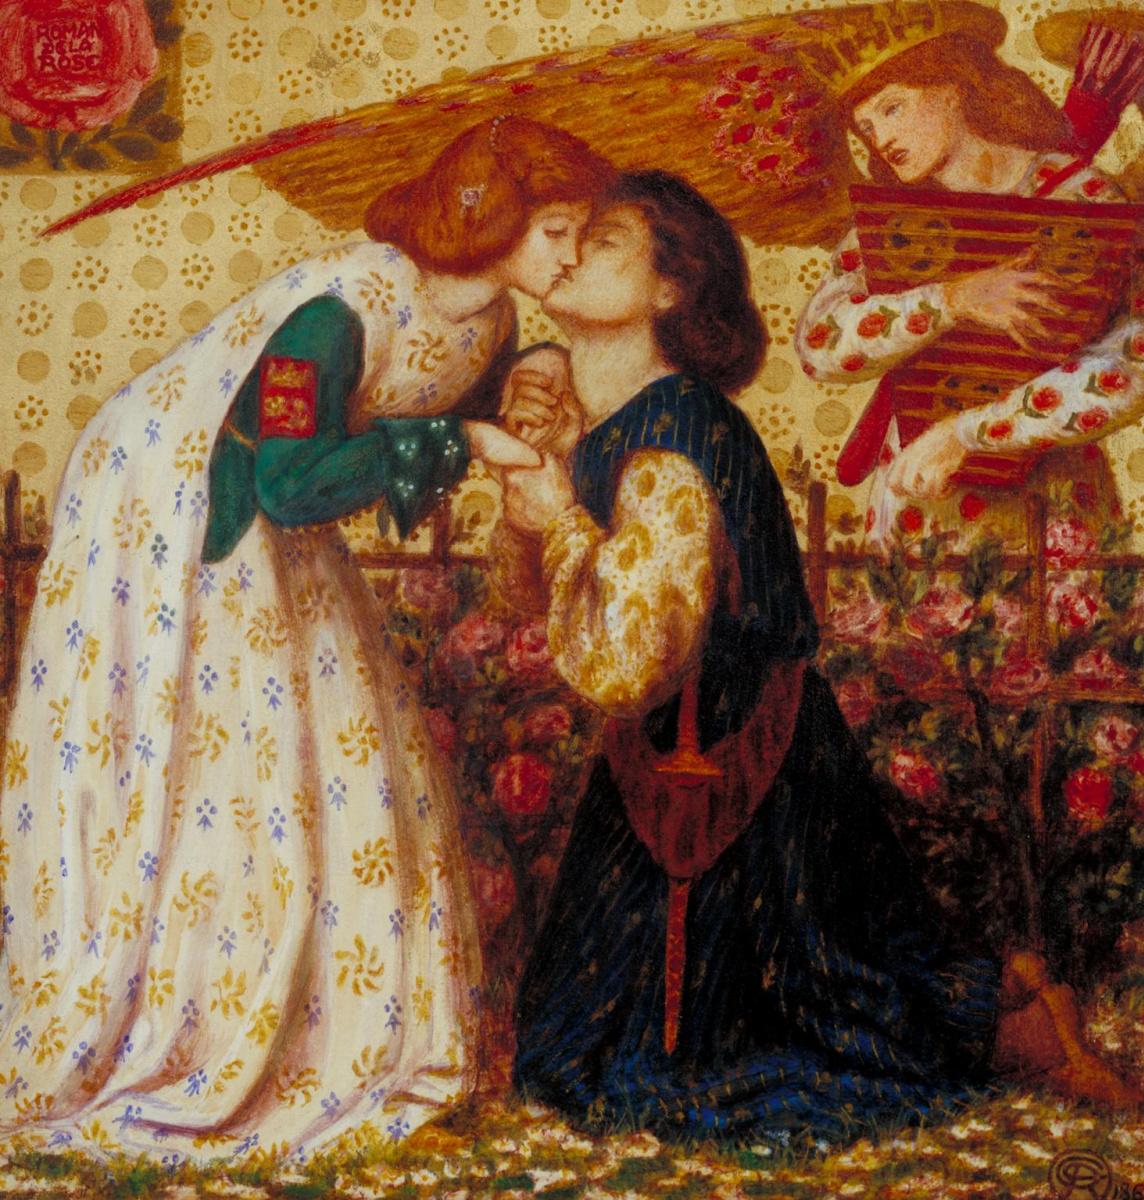 Данте Габриэль Россетти. Поцелуй Розы (Розовый сад)